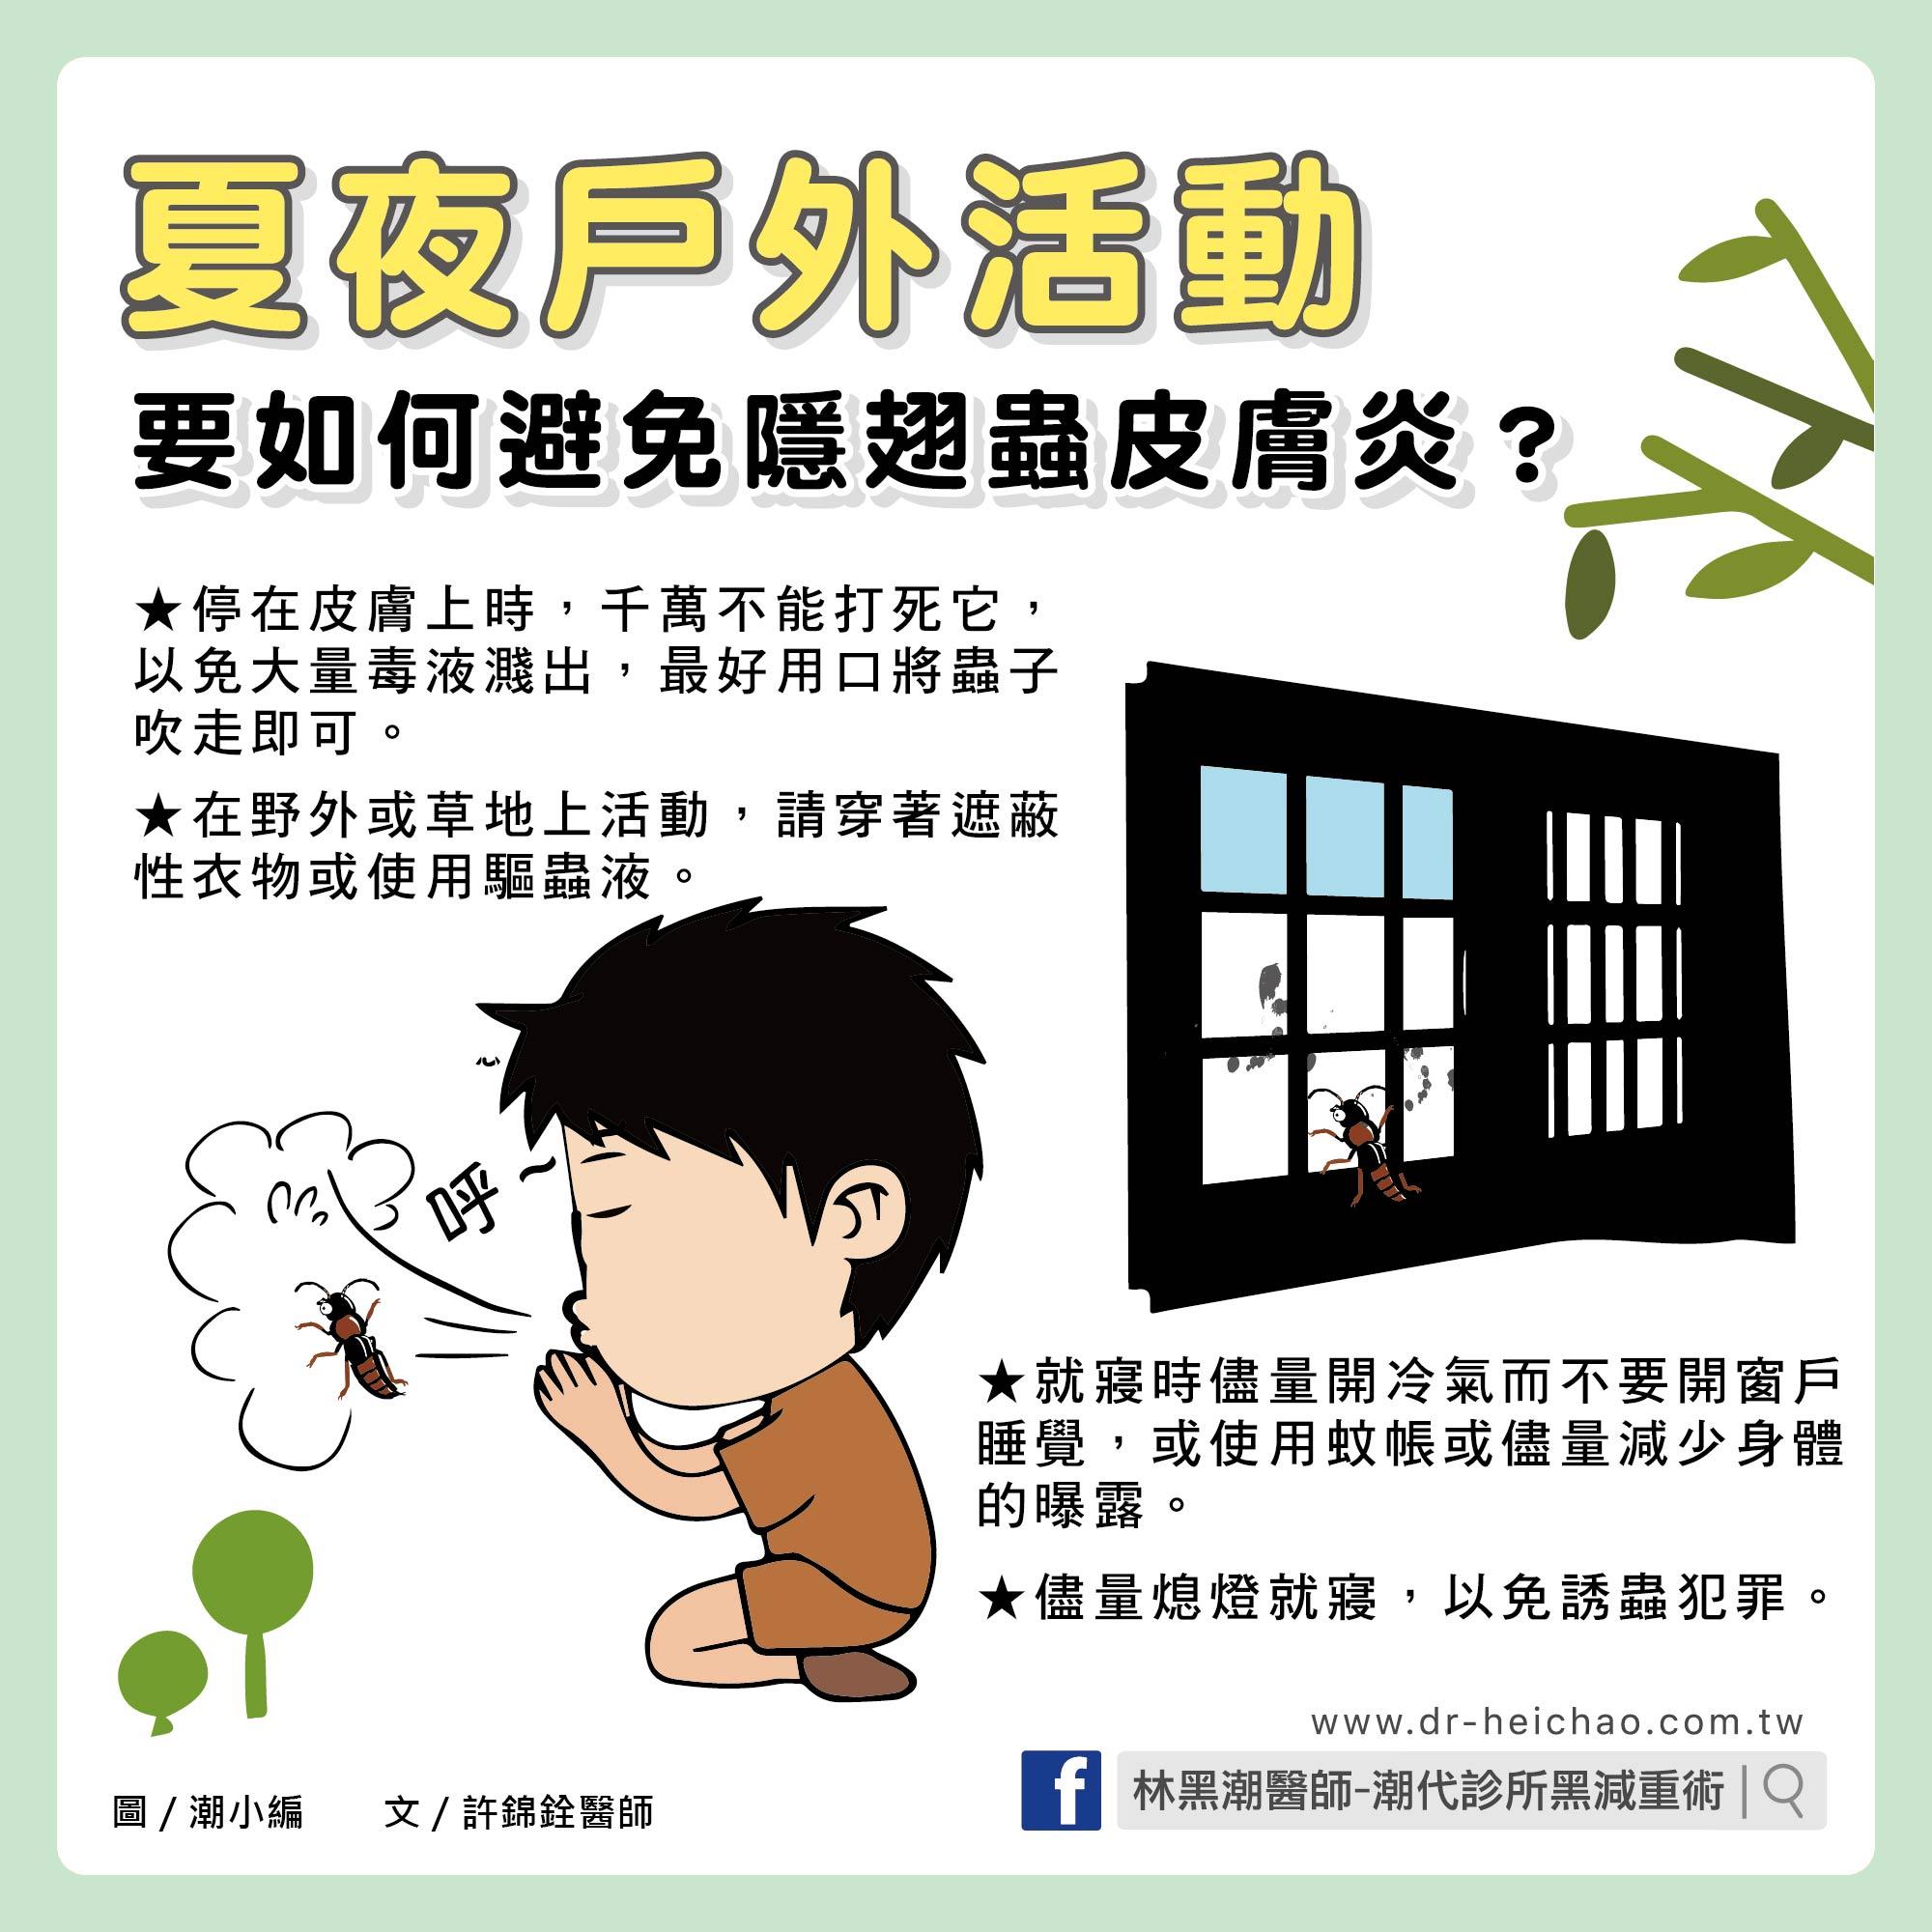 隱翅蟲皮膚炎/文:許錦銓醫師